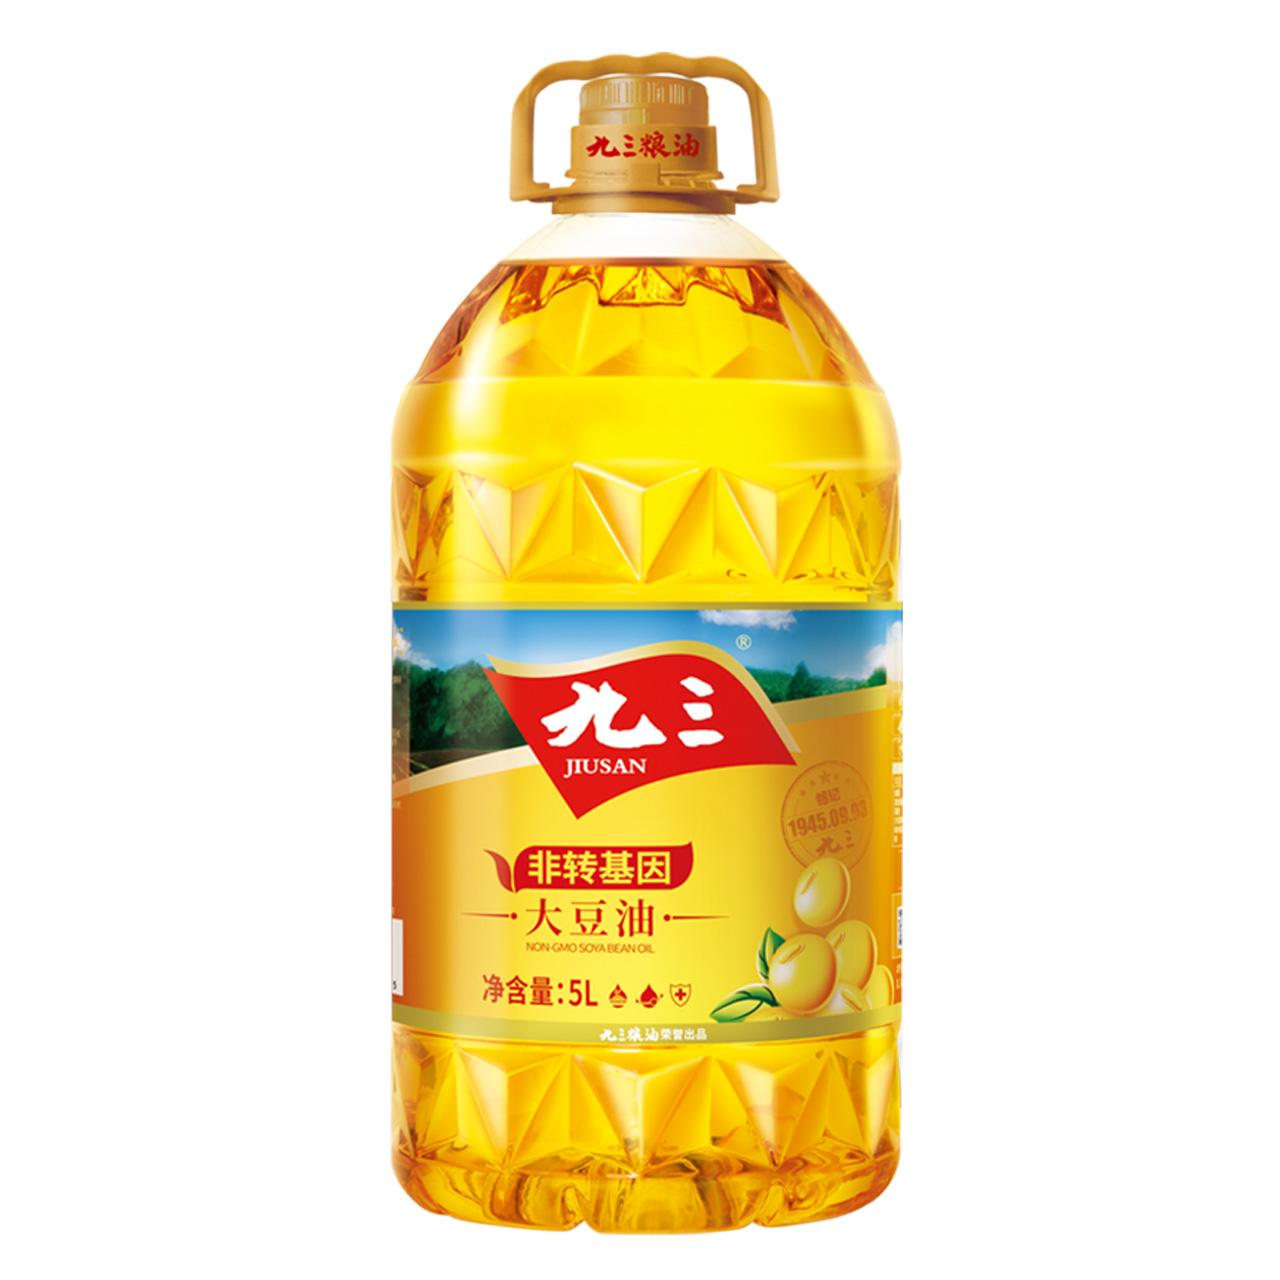 九三非转基因精炼一级大豆油5L黑土地健康食用油